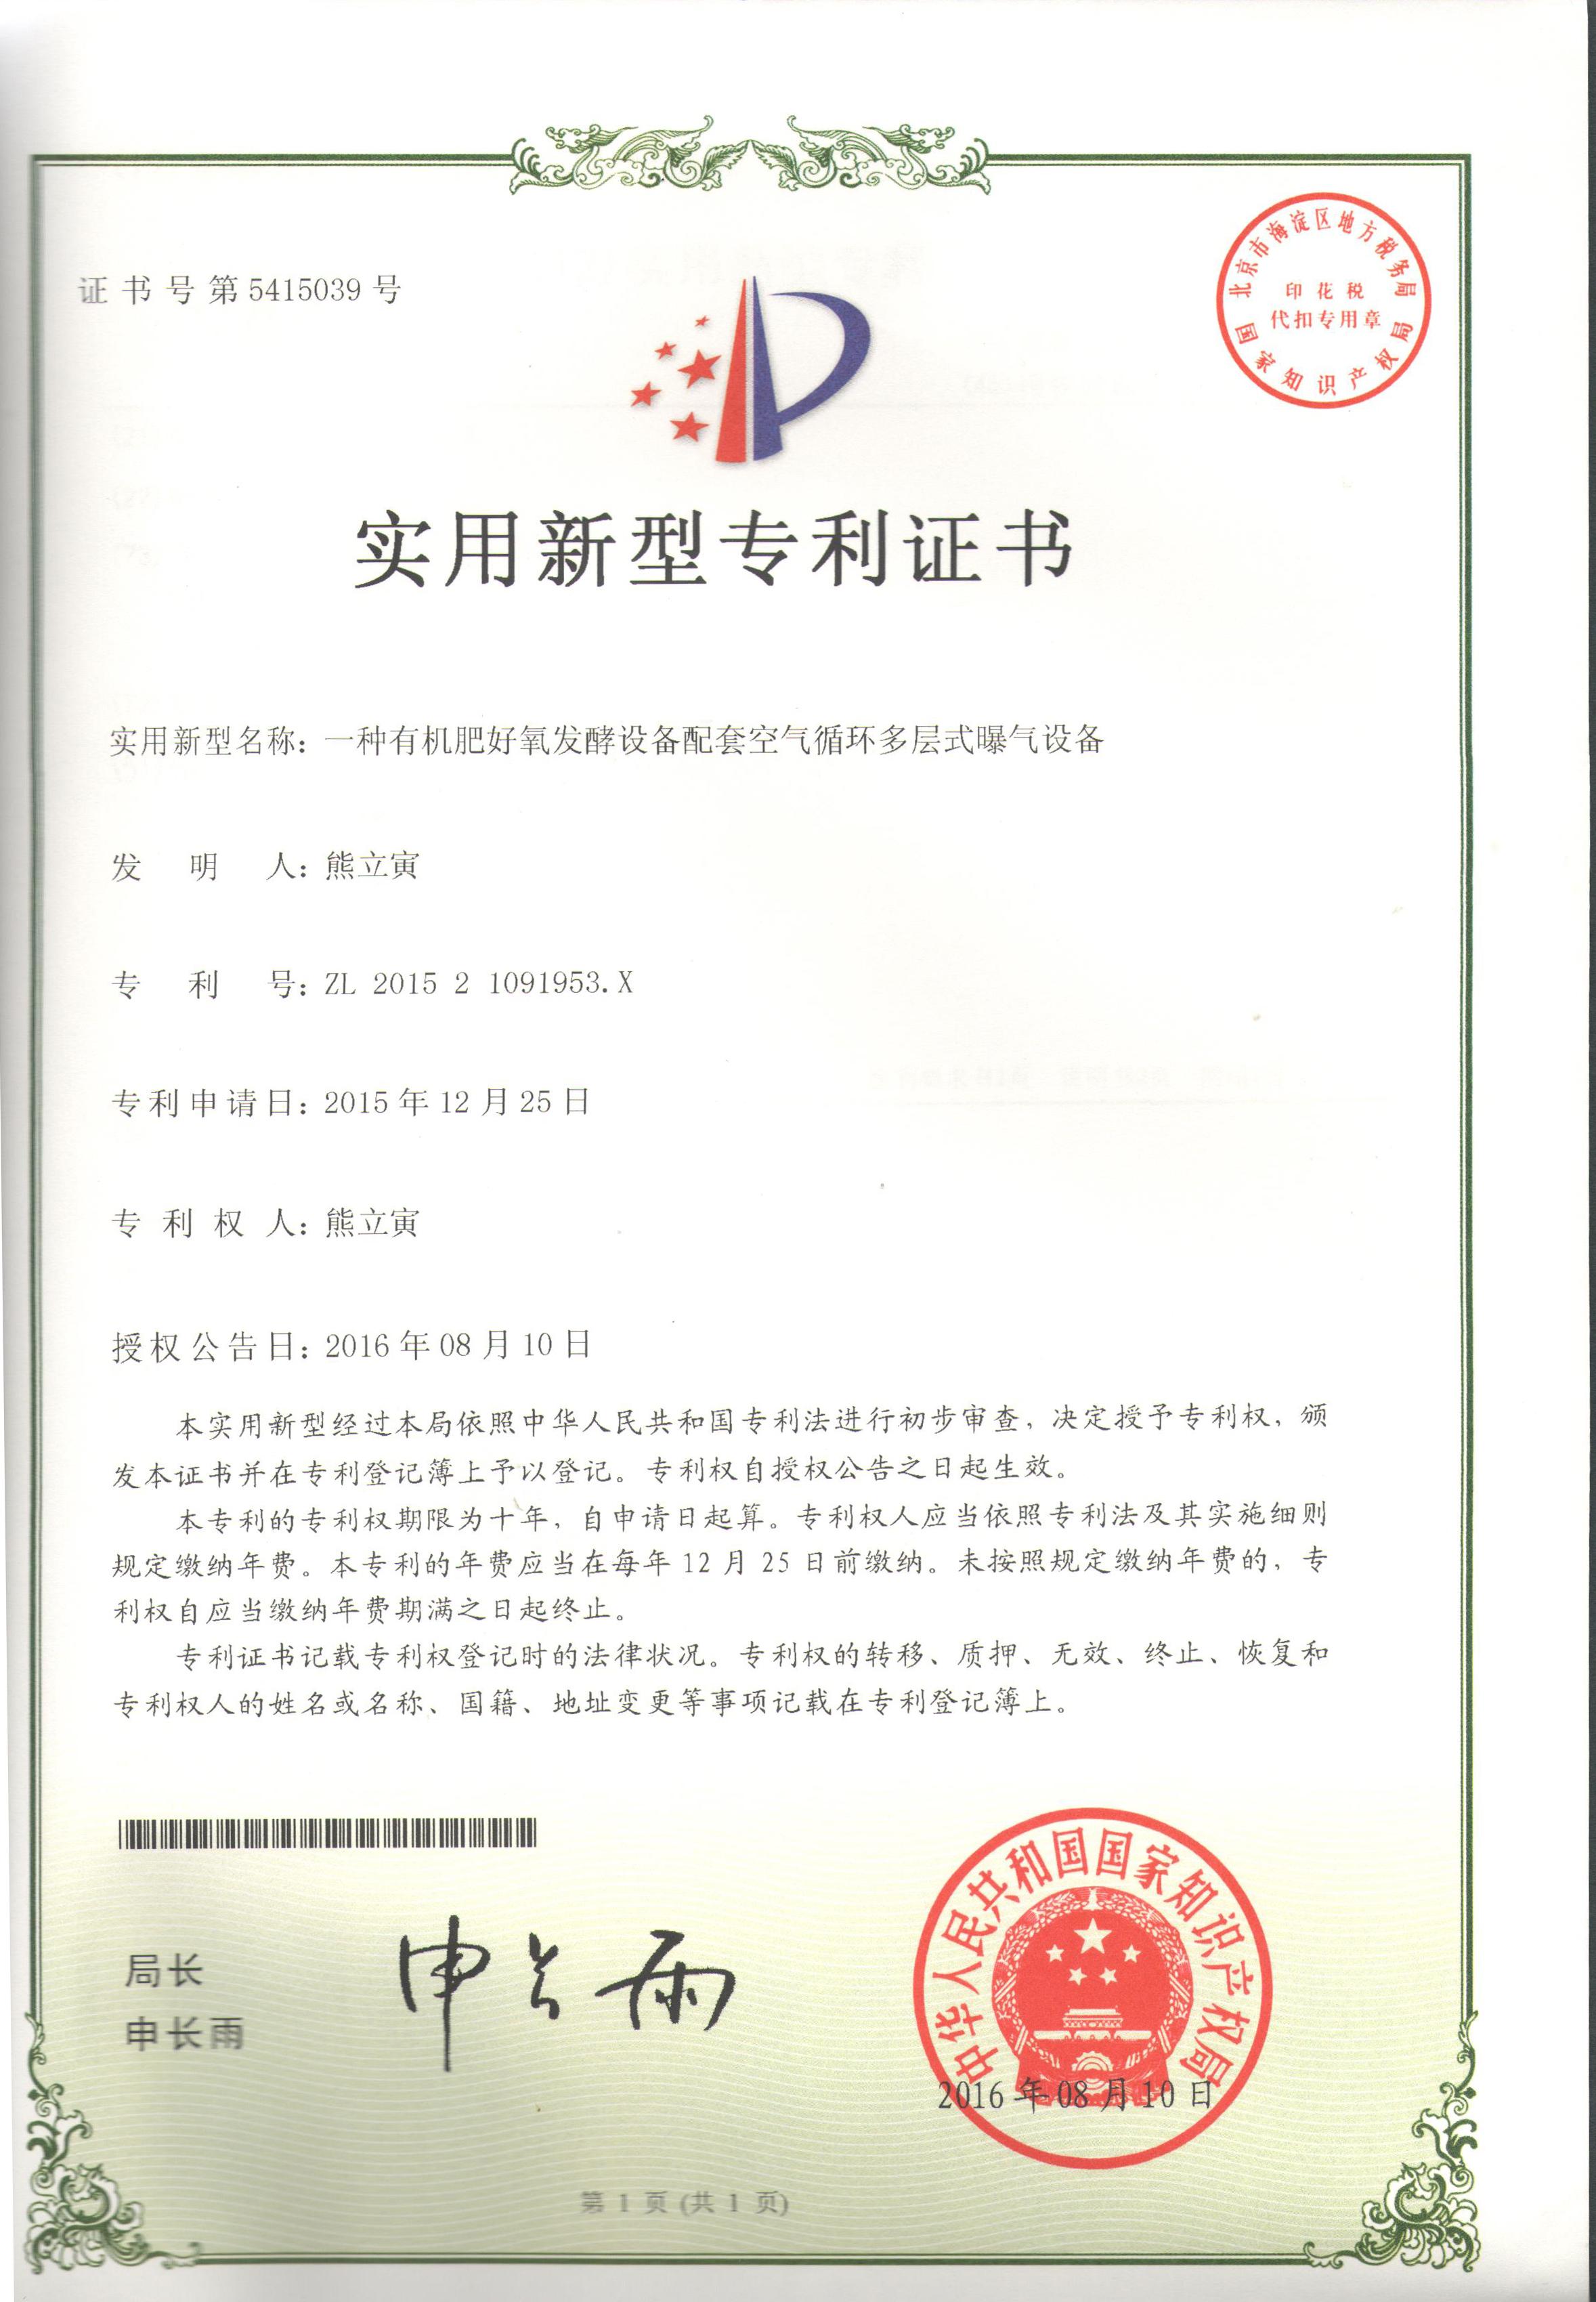 ZL201521091953.X一種有機肥好氧發酵設備配套空氣循環多層式曝氣設備1